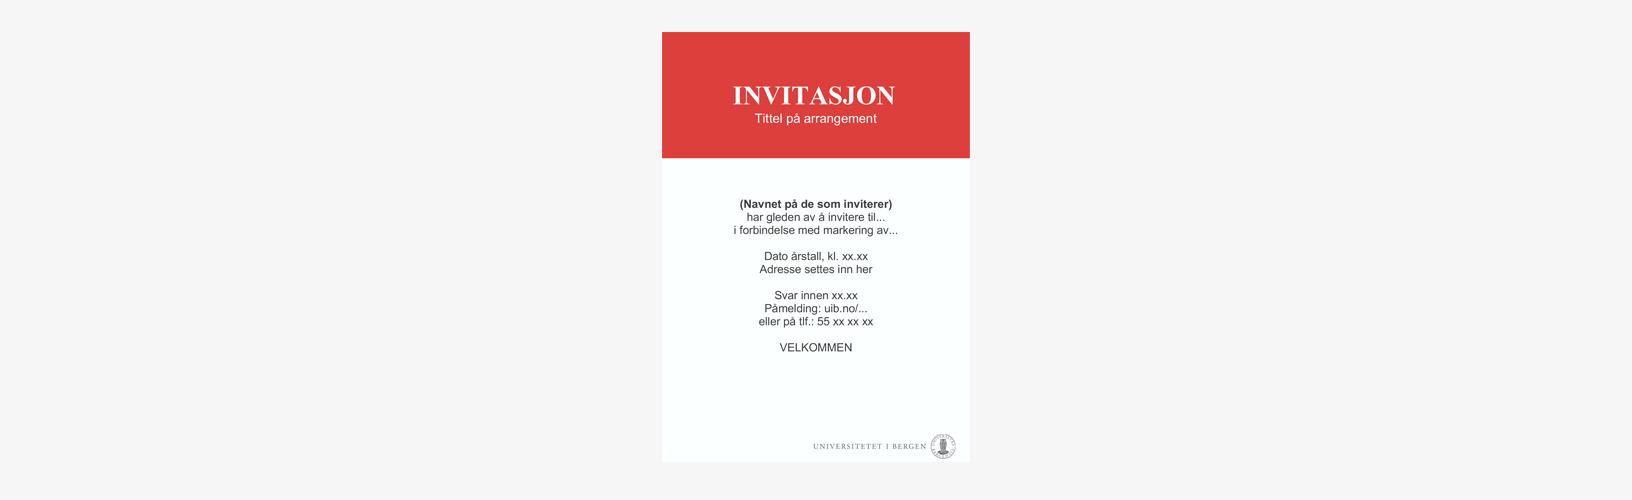 Illustrasjon som viser invitasjon